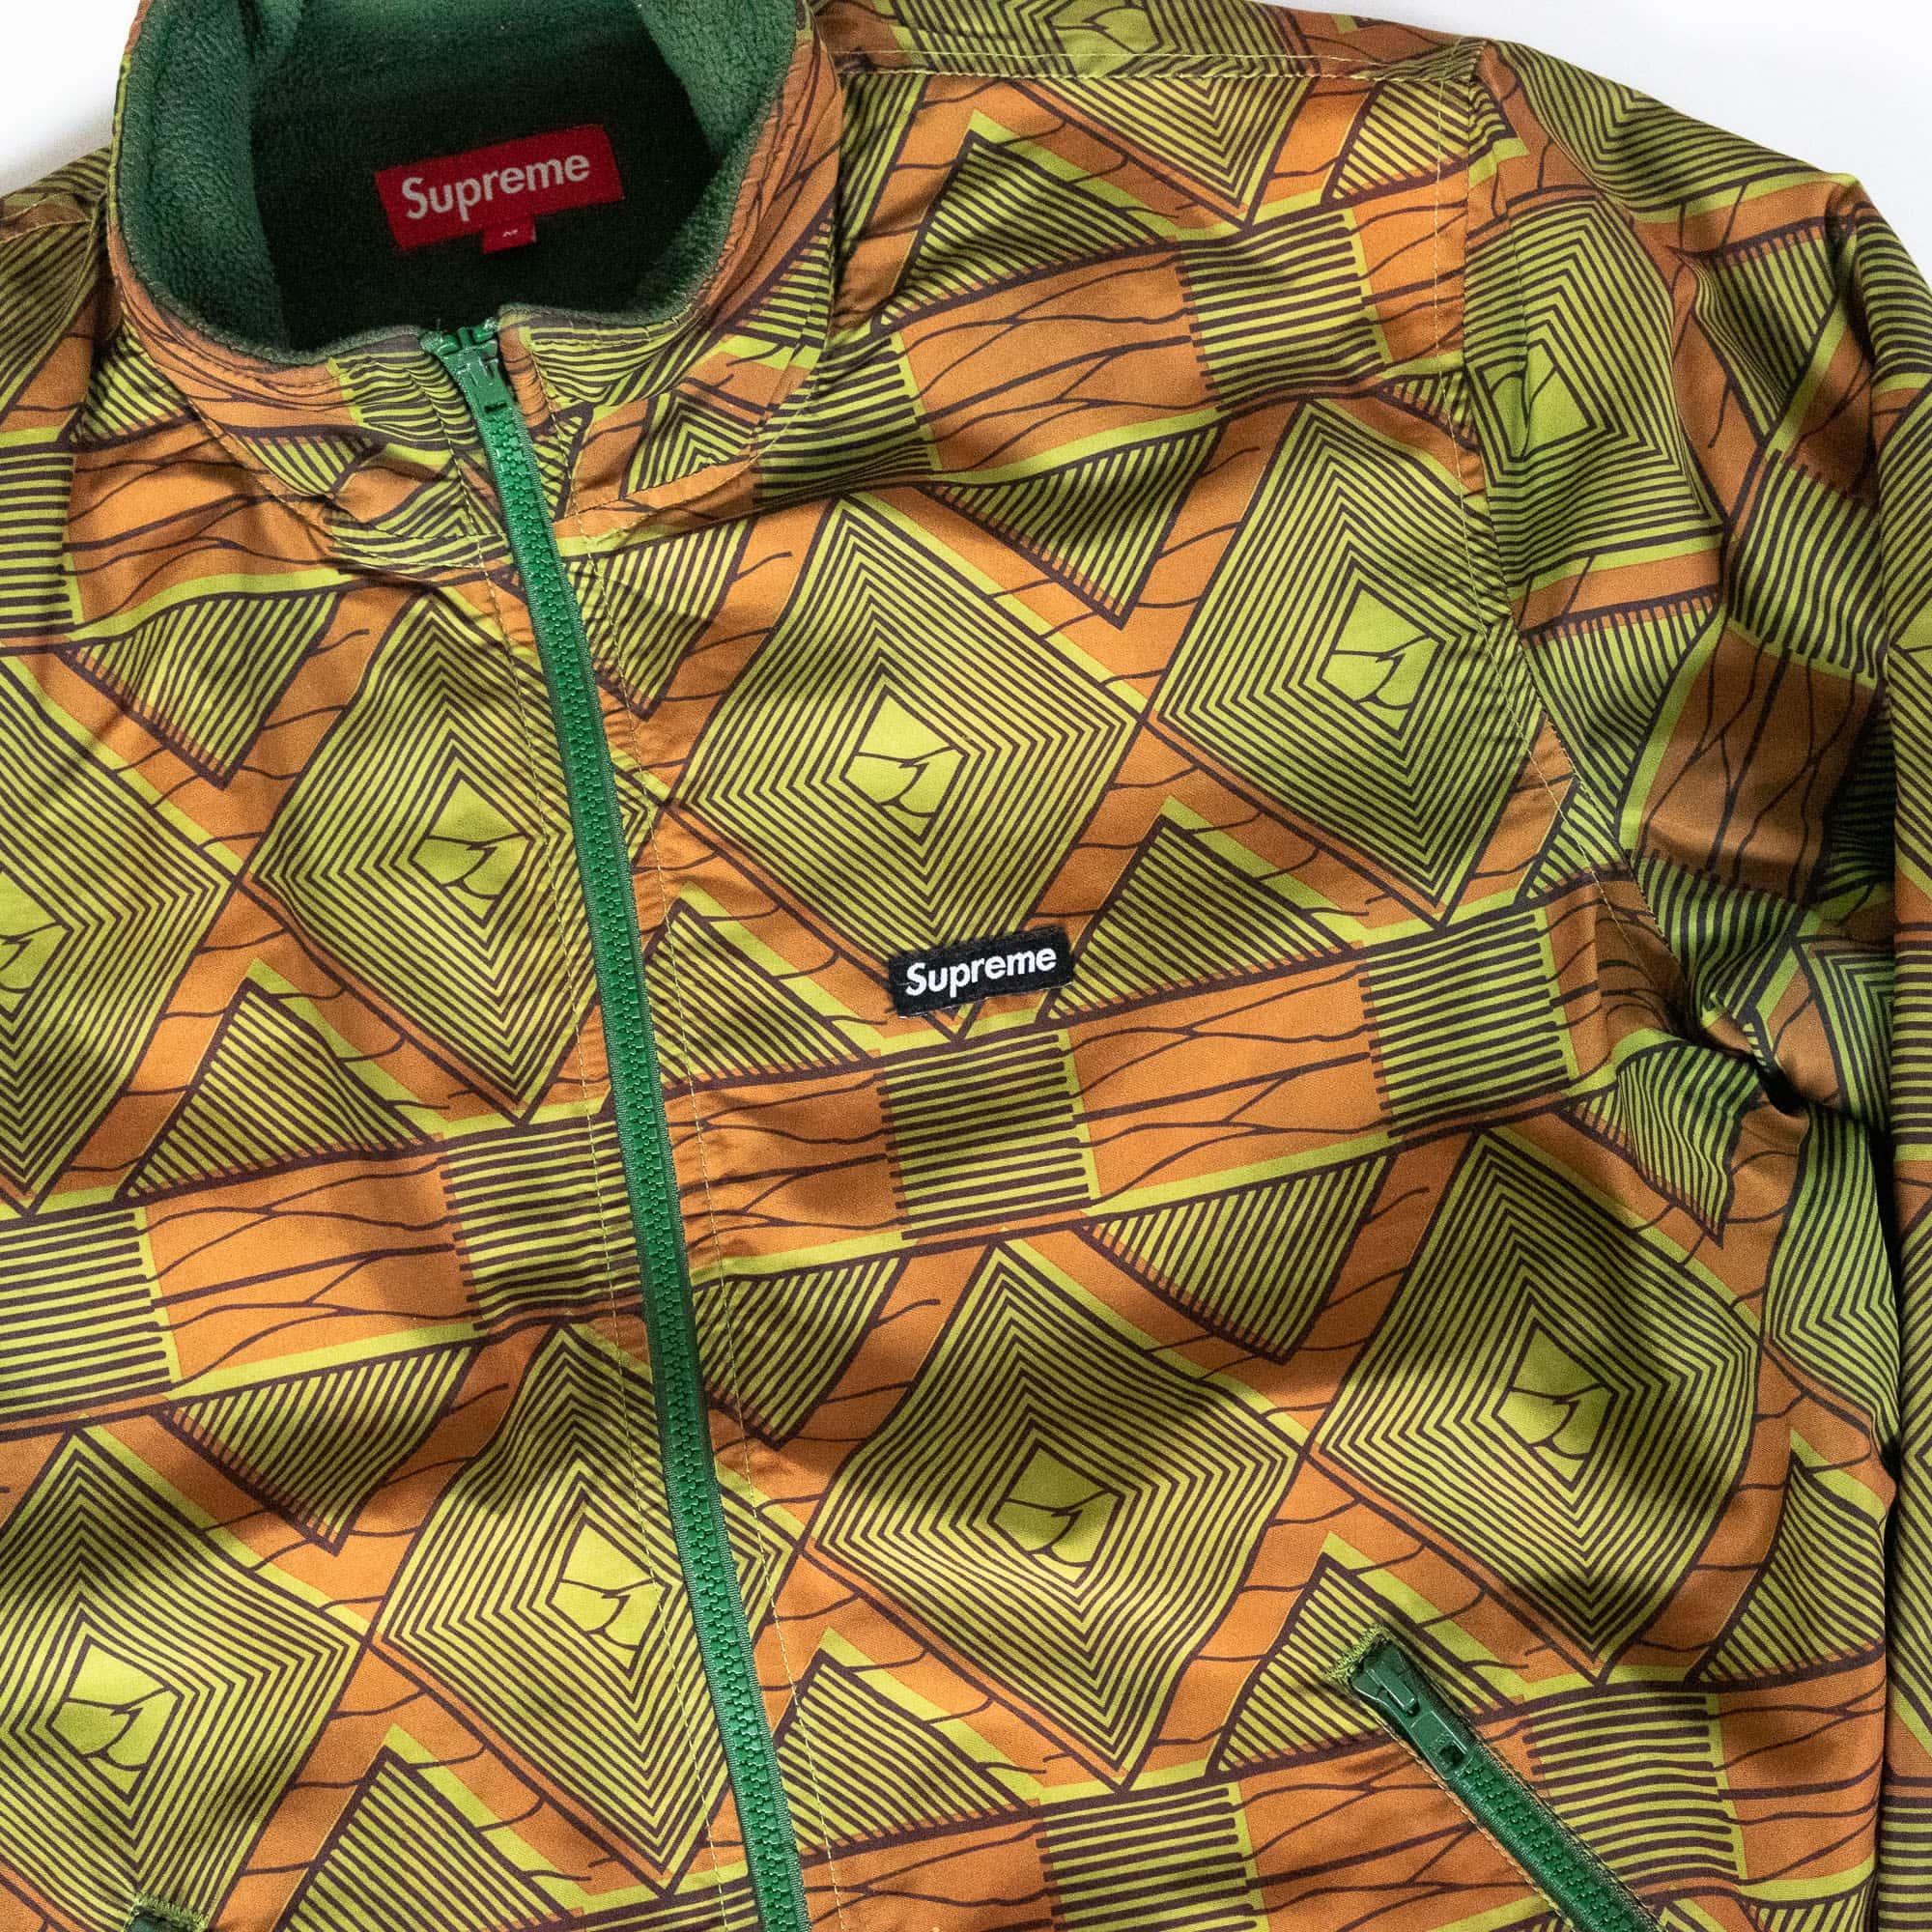 gebraucht kaufen Supreme African Jacke